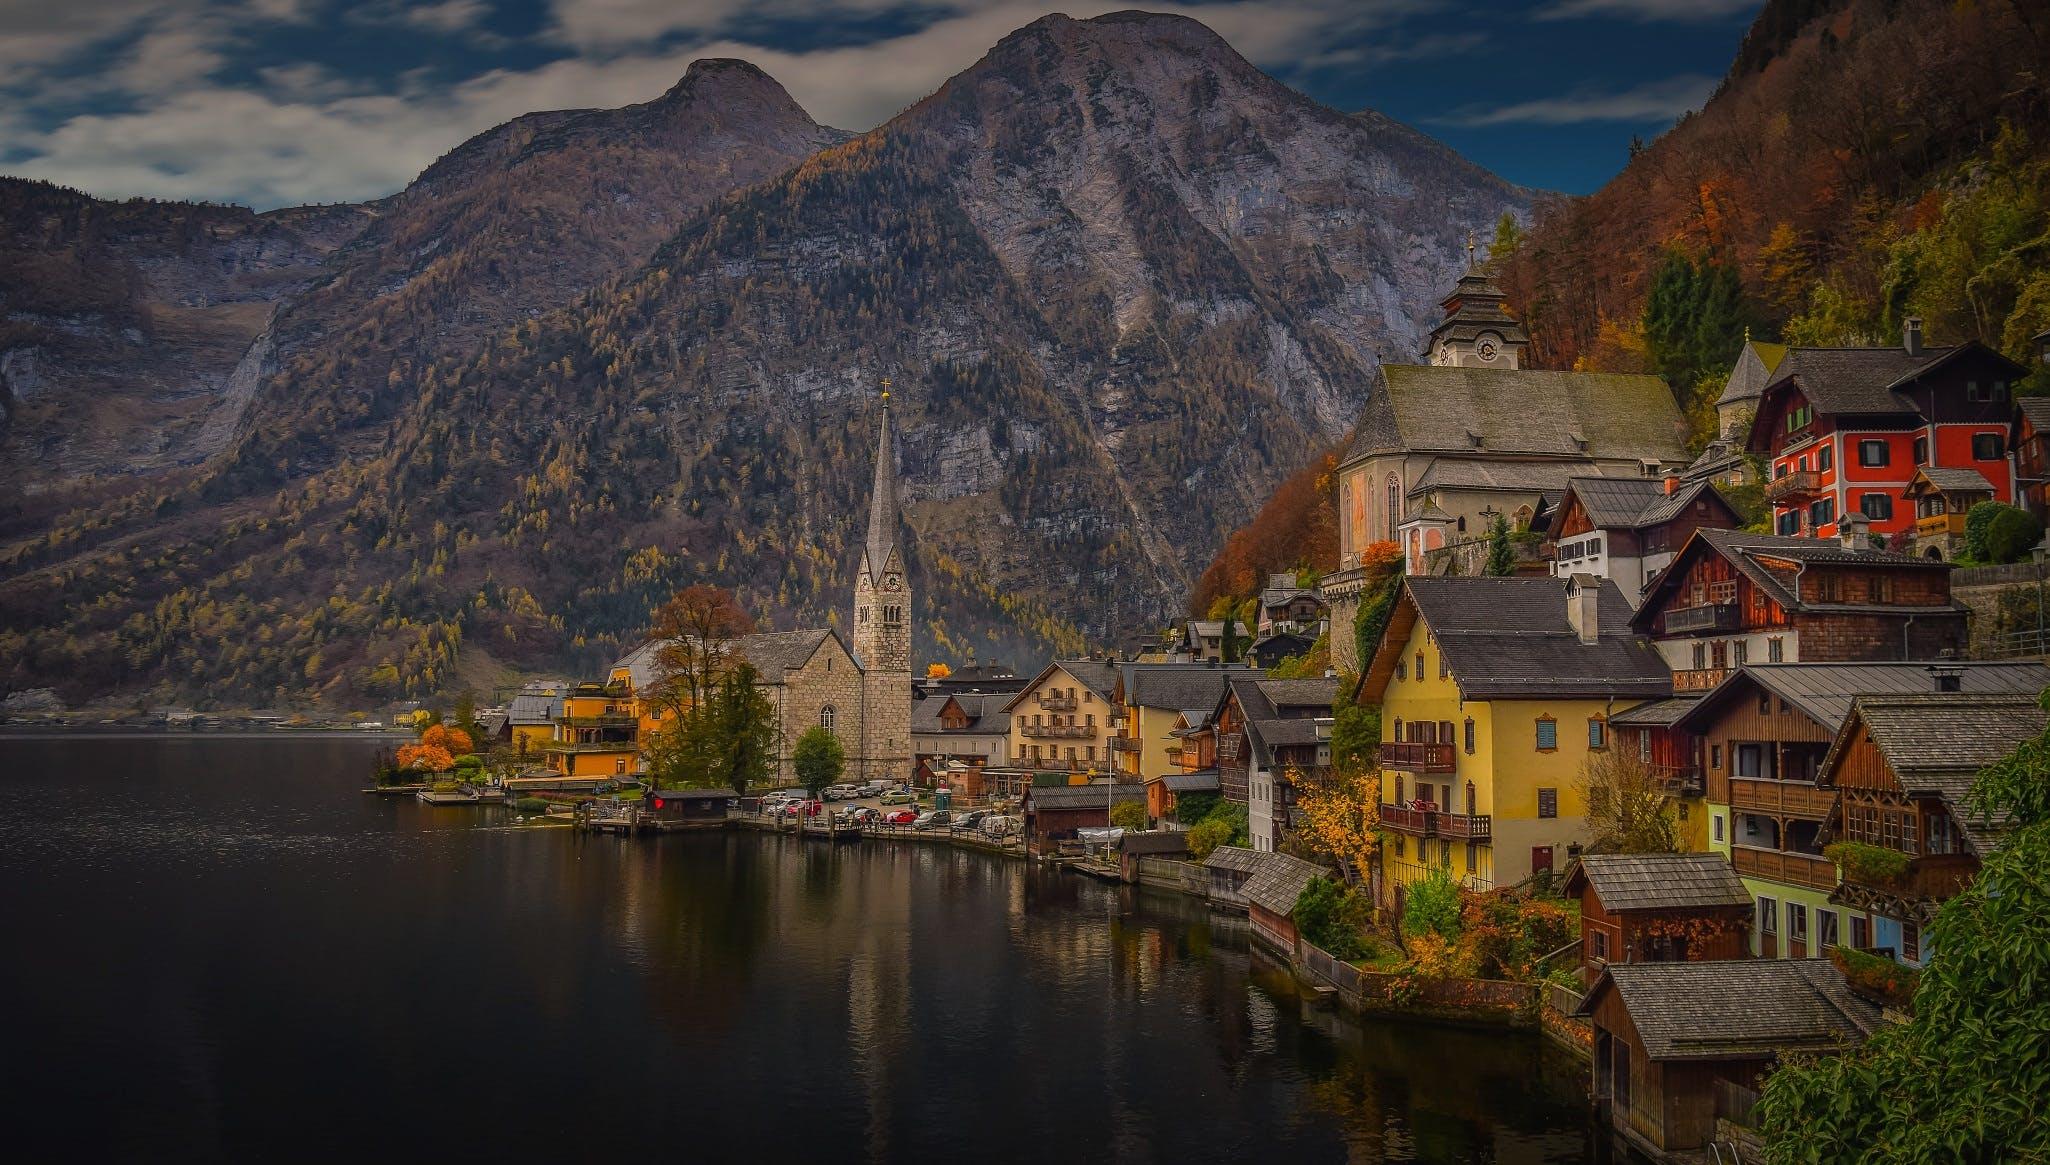 Hallsatt Village